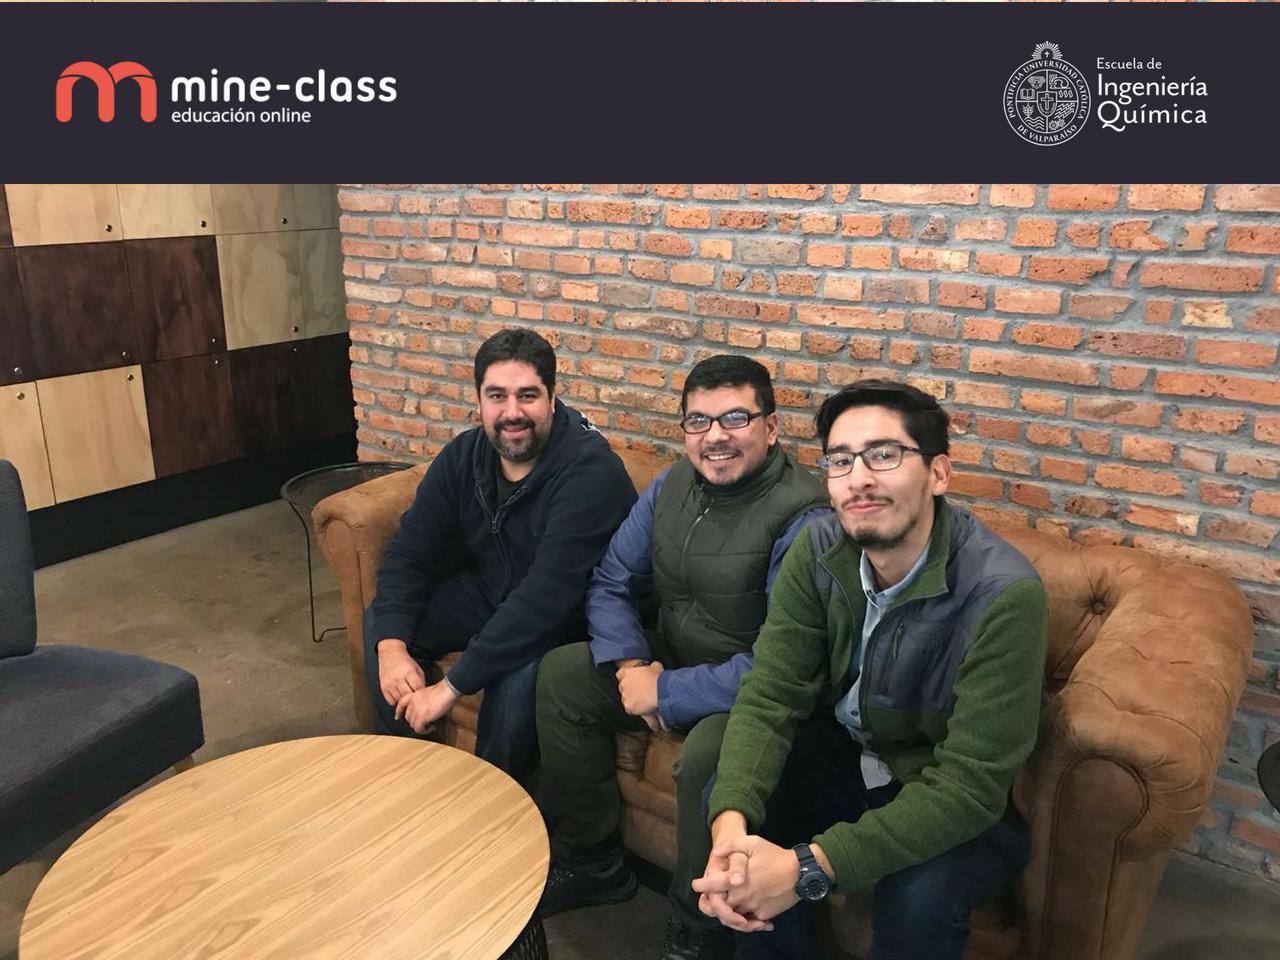 La Escuela de Ingeniería Quimica de la PUCV y Mine-Class.com firman convenio de colaboración